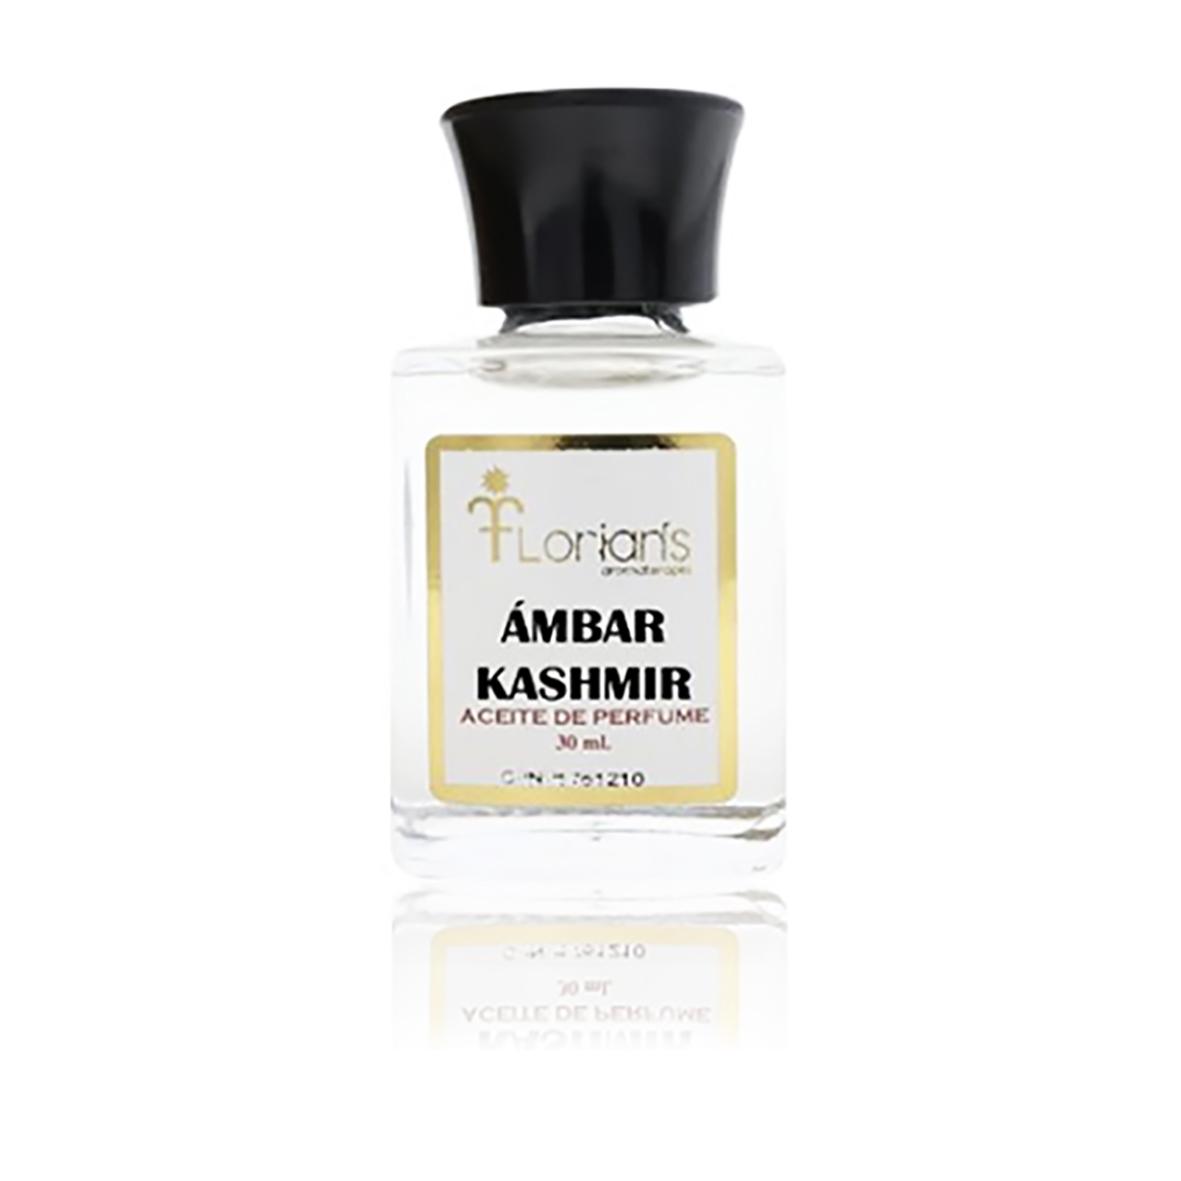 Aceite Ambar Kashmir Egipcio una nota media con un suave, fresco y delicado aroma aterciopelado.Se relaciona con la autorrealización.